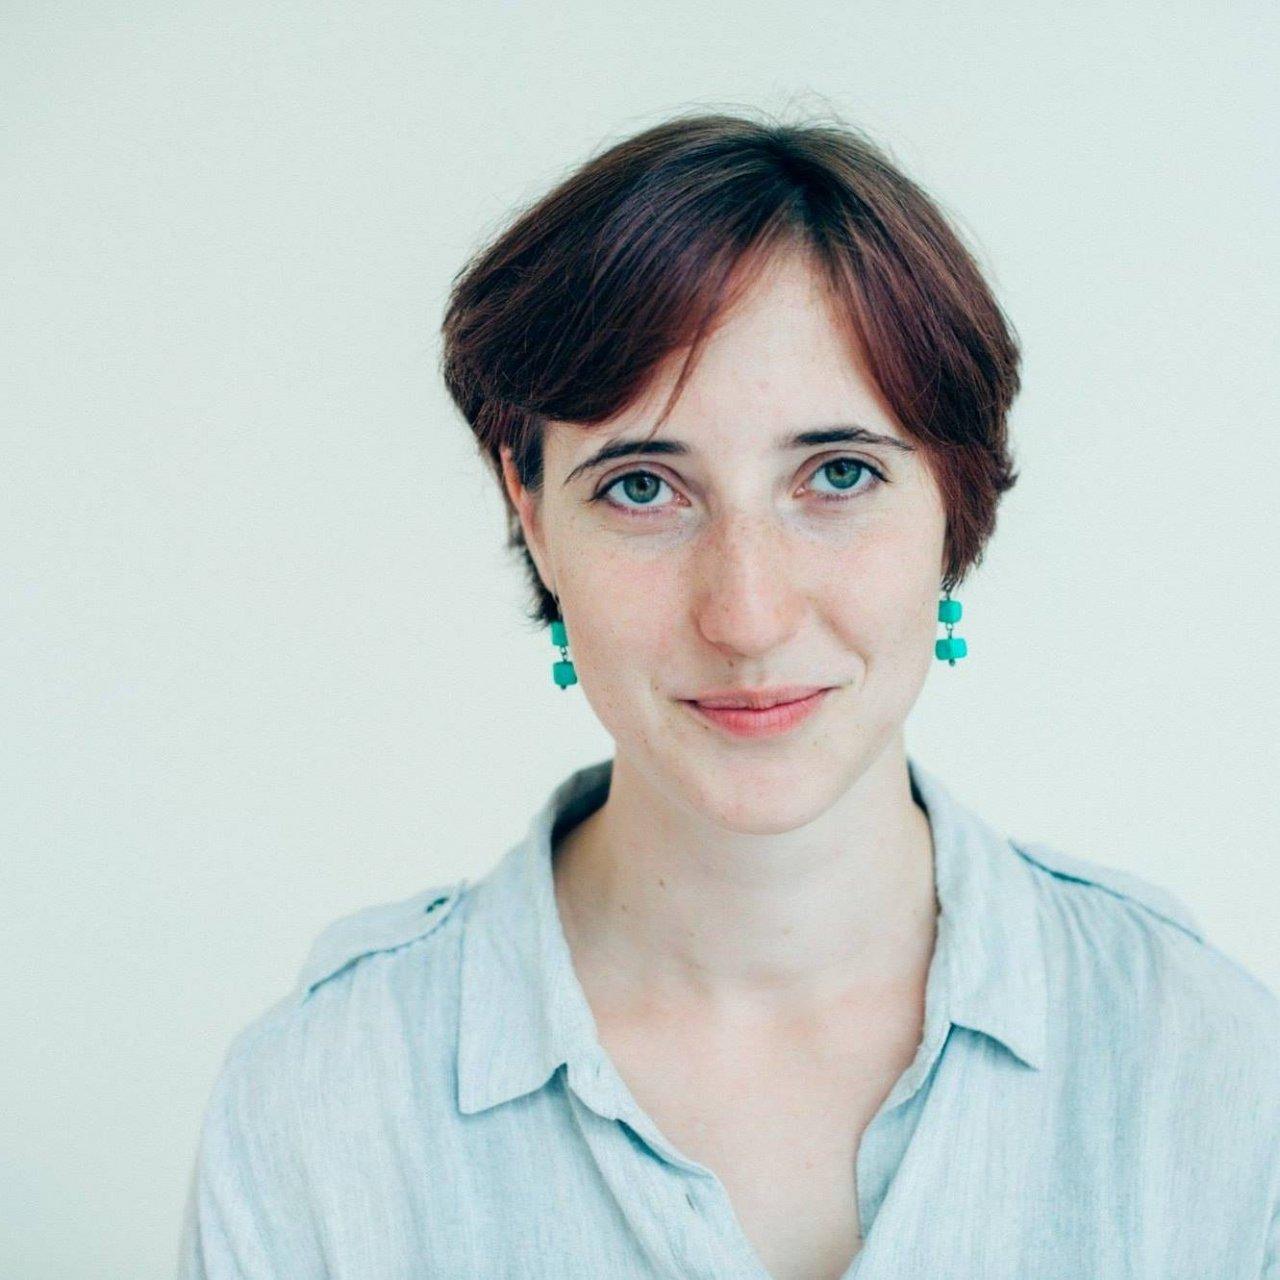 Участница программы «Учитель для России» Арина Сачкова. Фото: личный архив